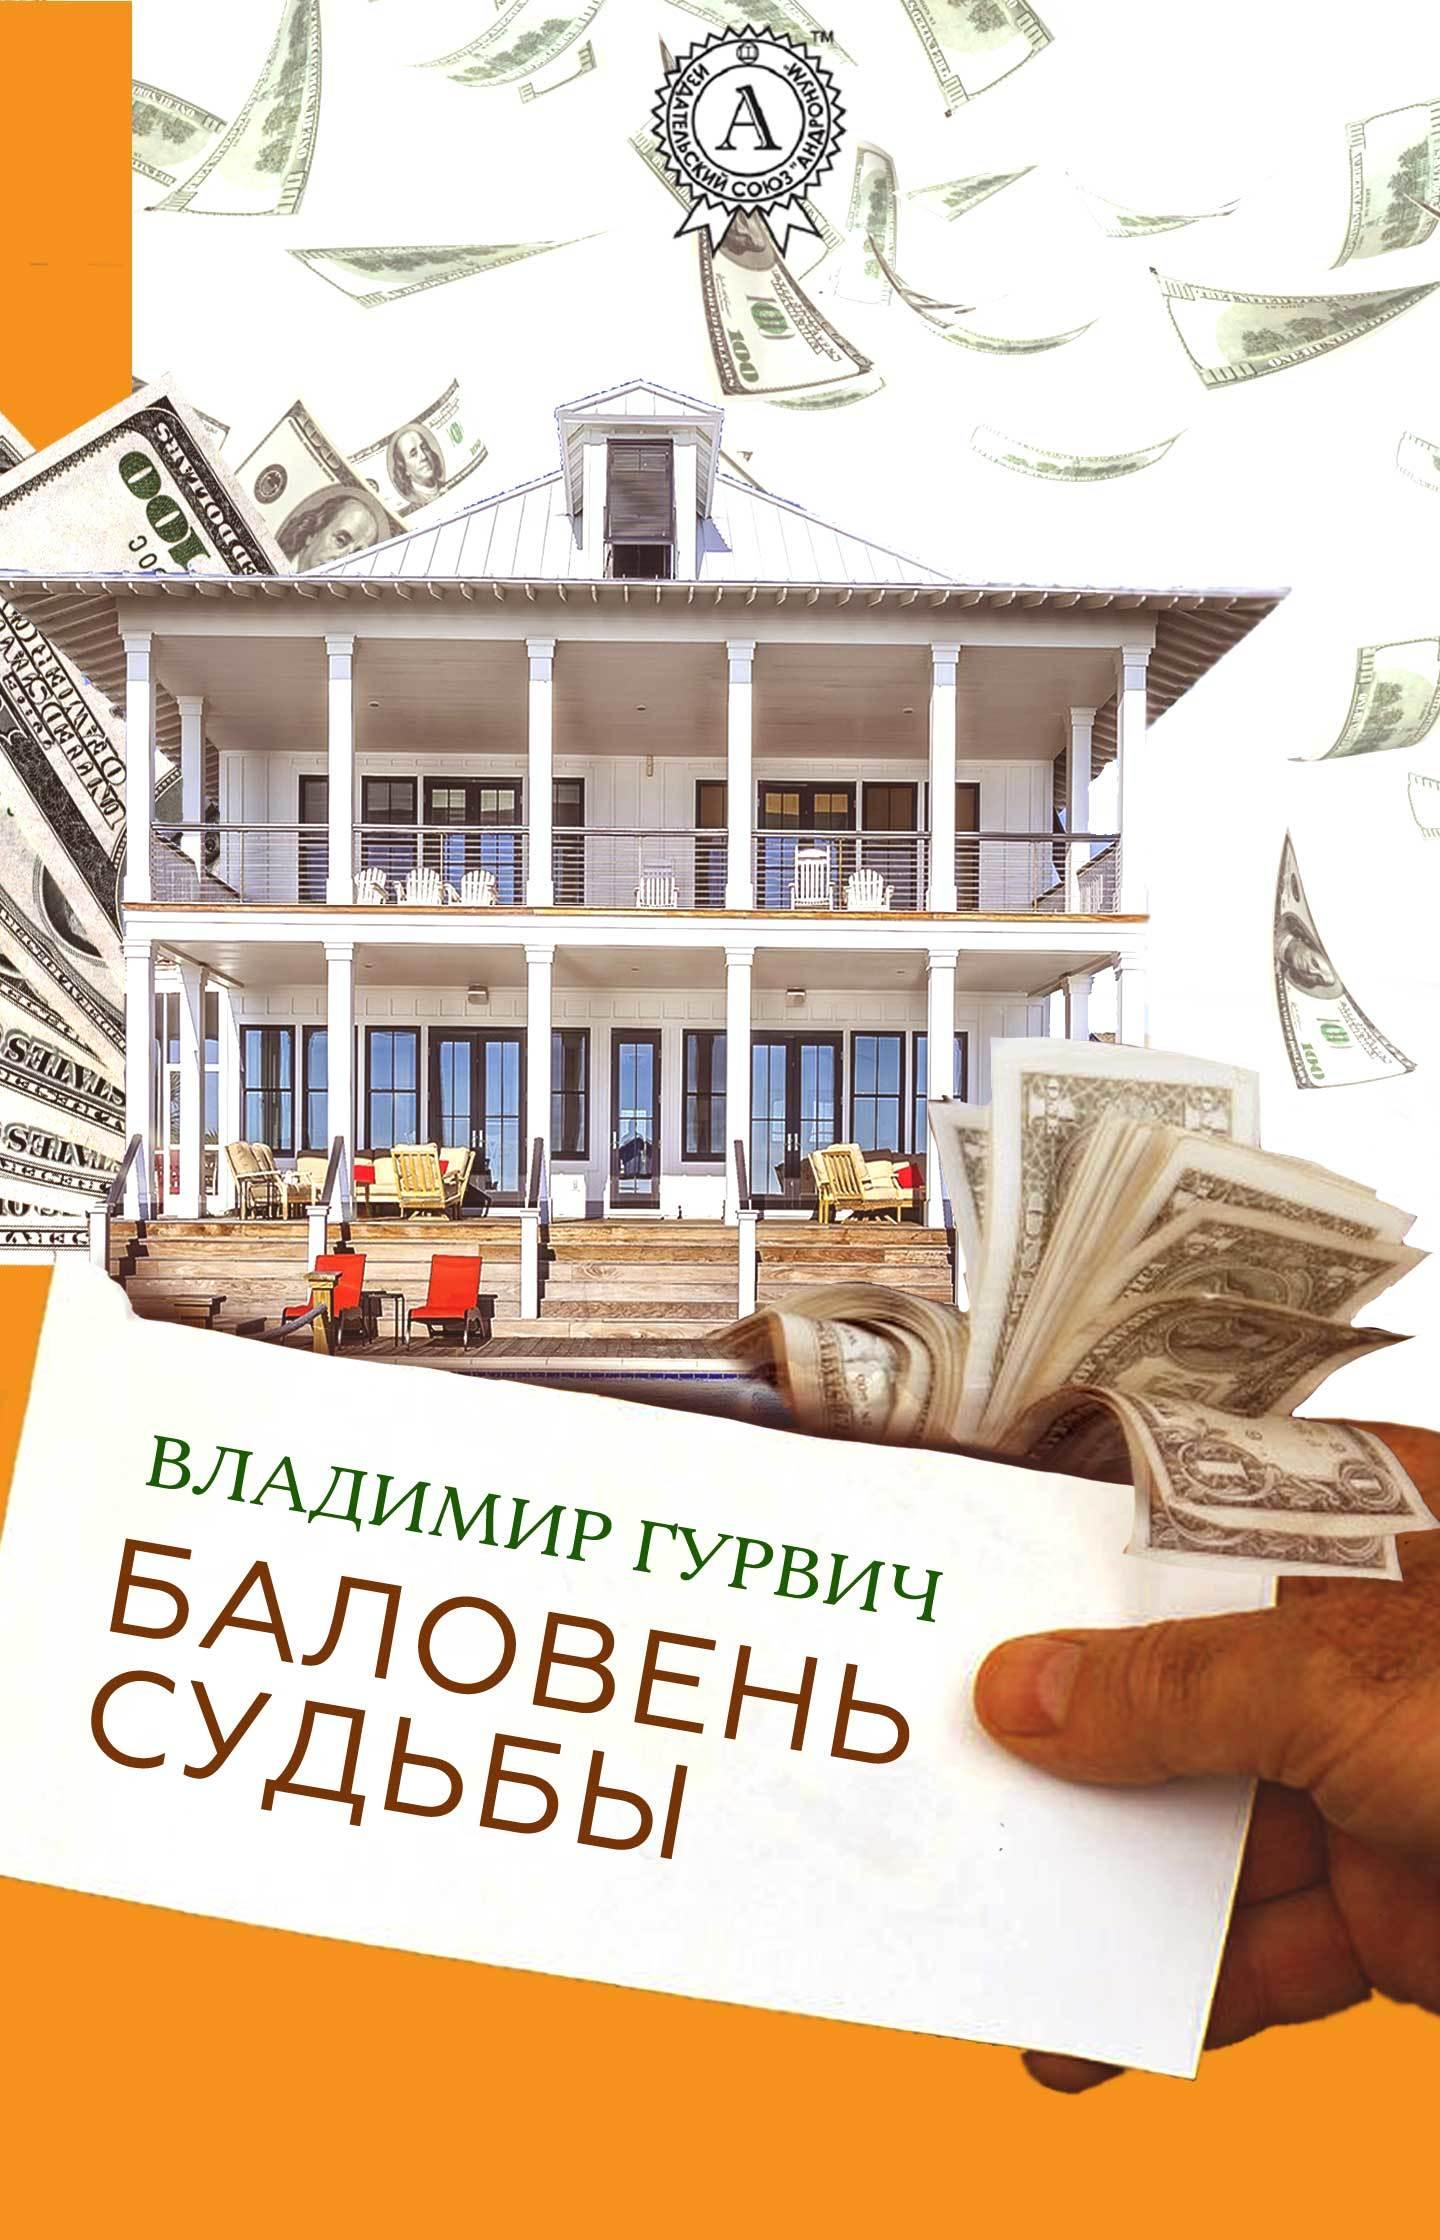 Обложка книги Баловень судьбы, автор Гурвич, Владимир